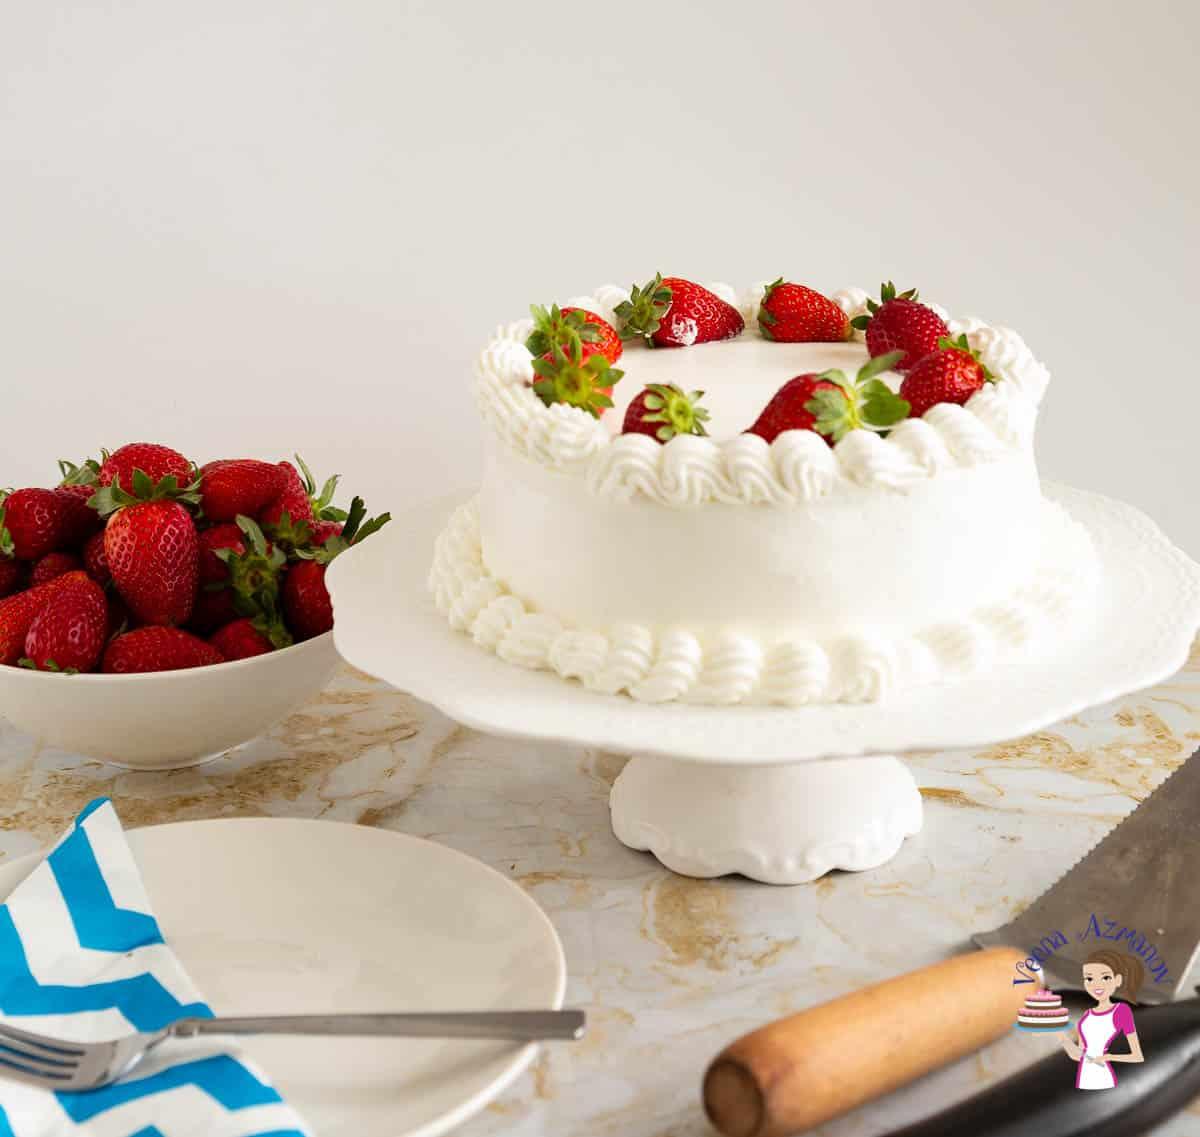 A strawberry cream cake.